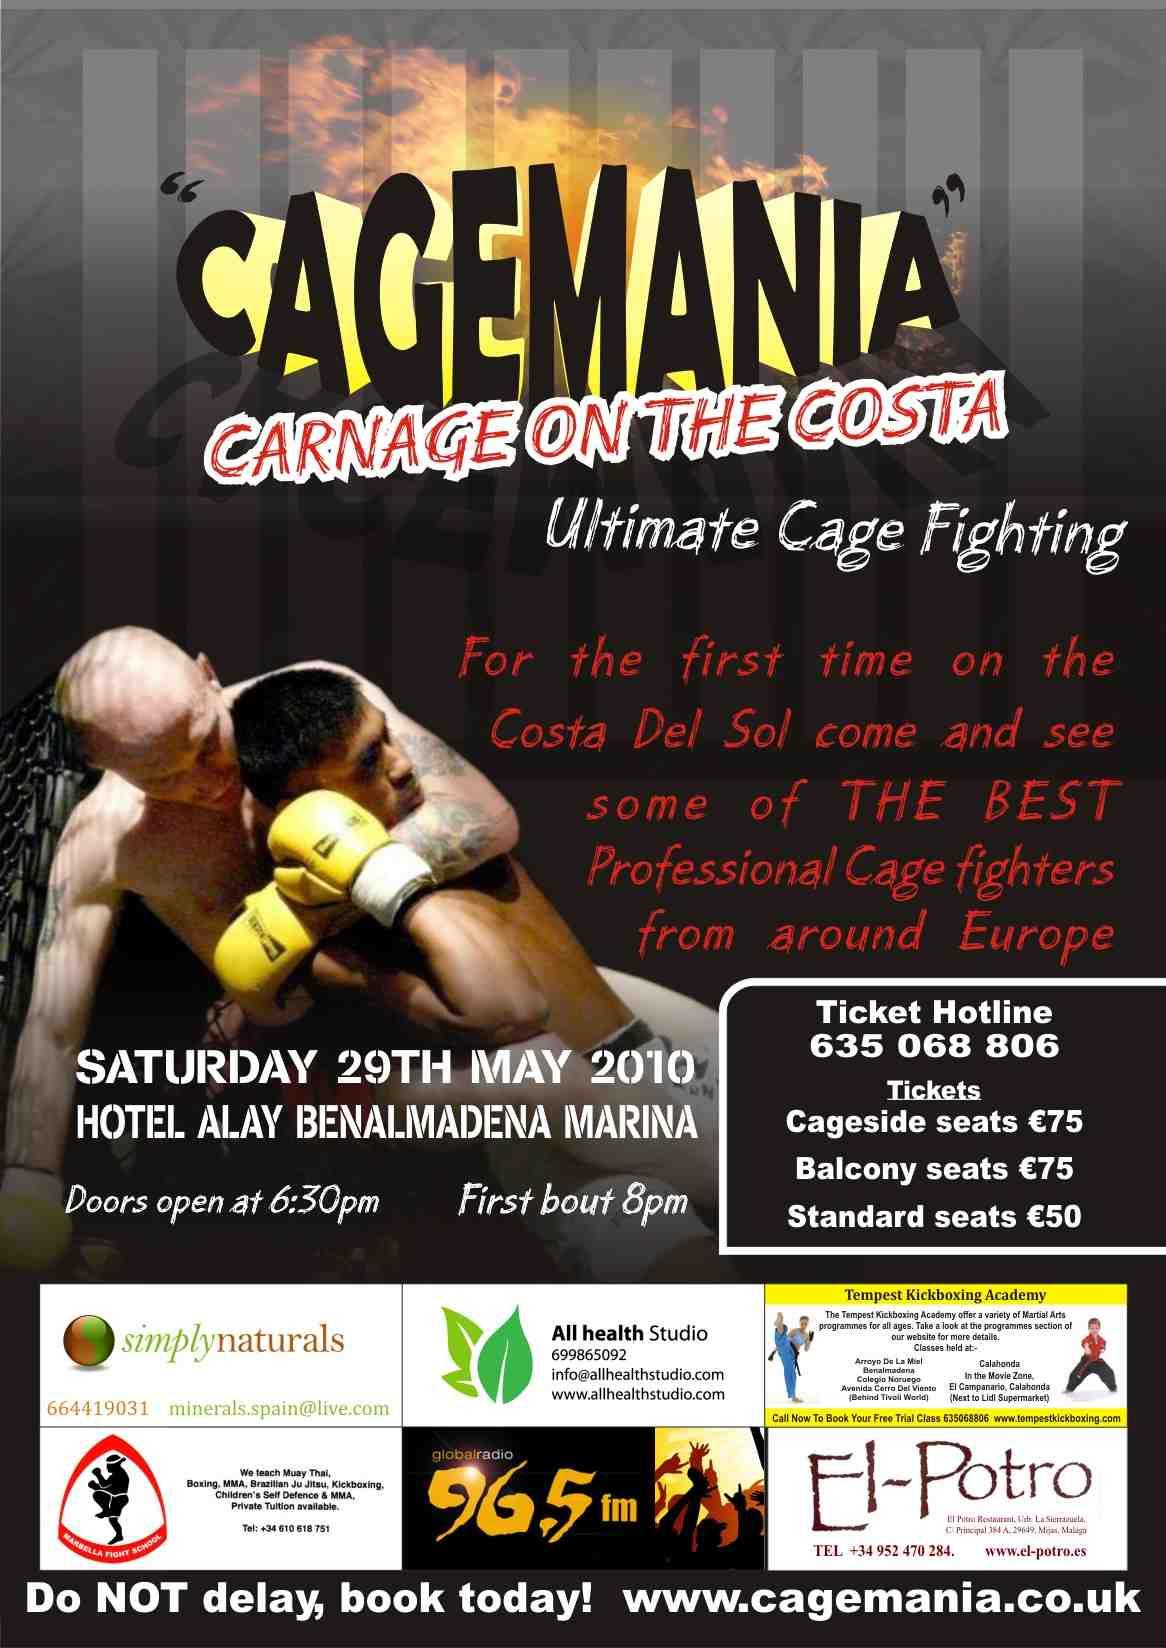 Cagemania